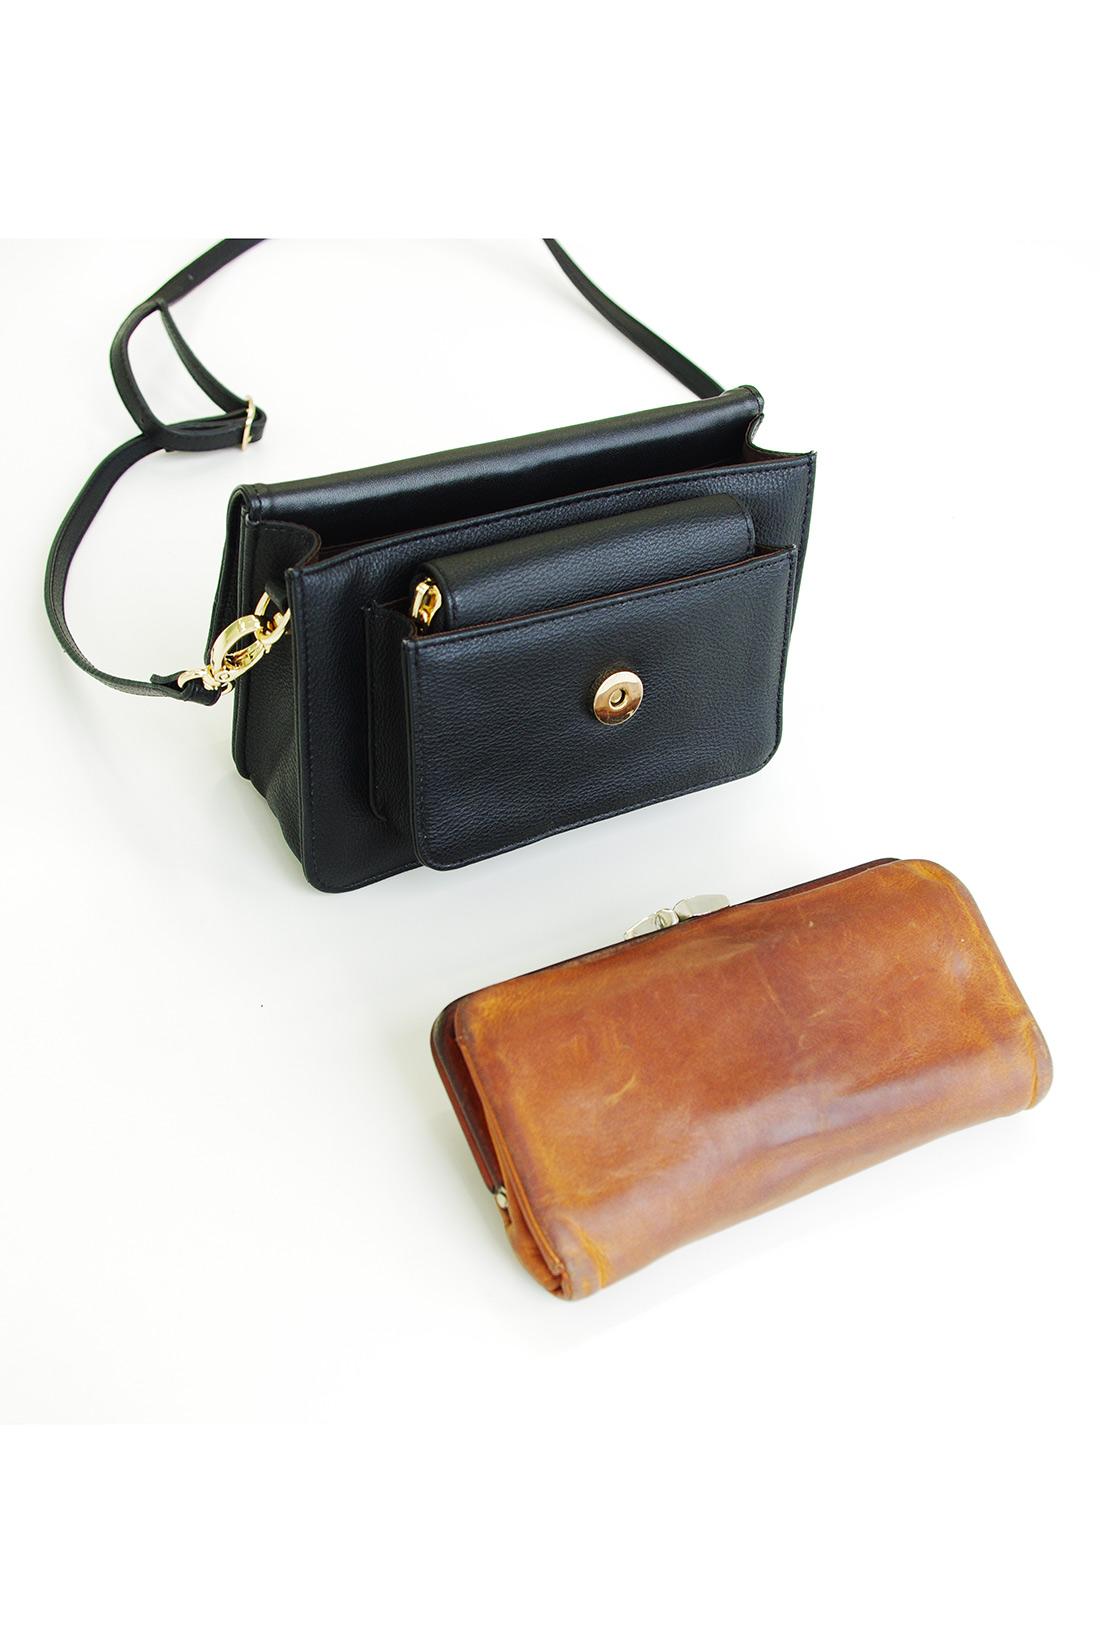 ポシェットの中の大きさは、横約18㎝、縦約9㎝、厚みが約3cmのお財布がすっぽり入るサイズです。ちょっとしたお出かけにかわいく付き添ってくれそうですね。